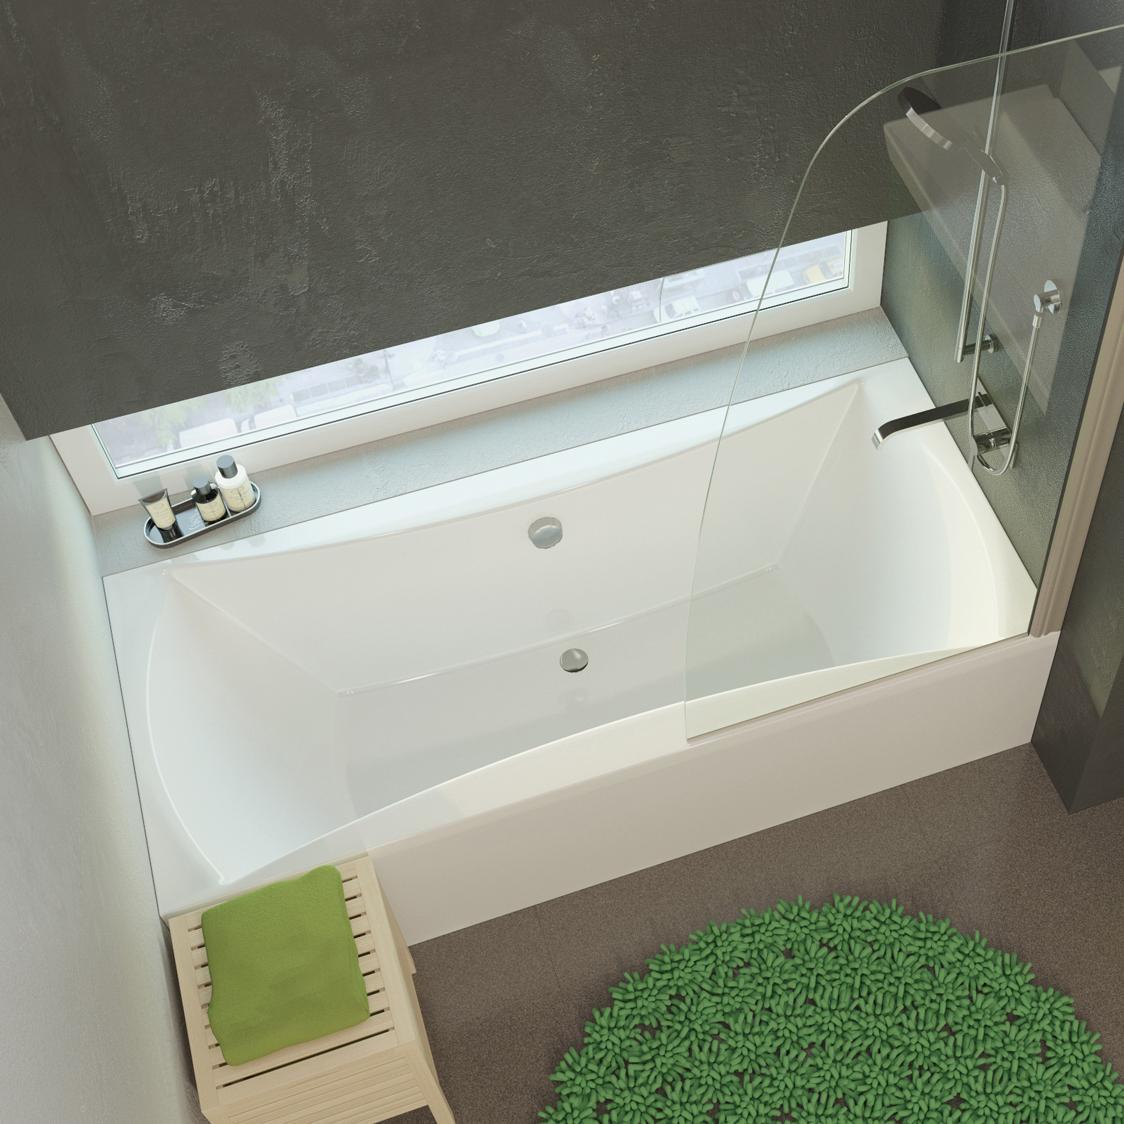 Акриловая ванна Alpen Luna 190x90 без гидромассажа акриловая ванна alpen marlene 190x90 комплект